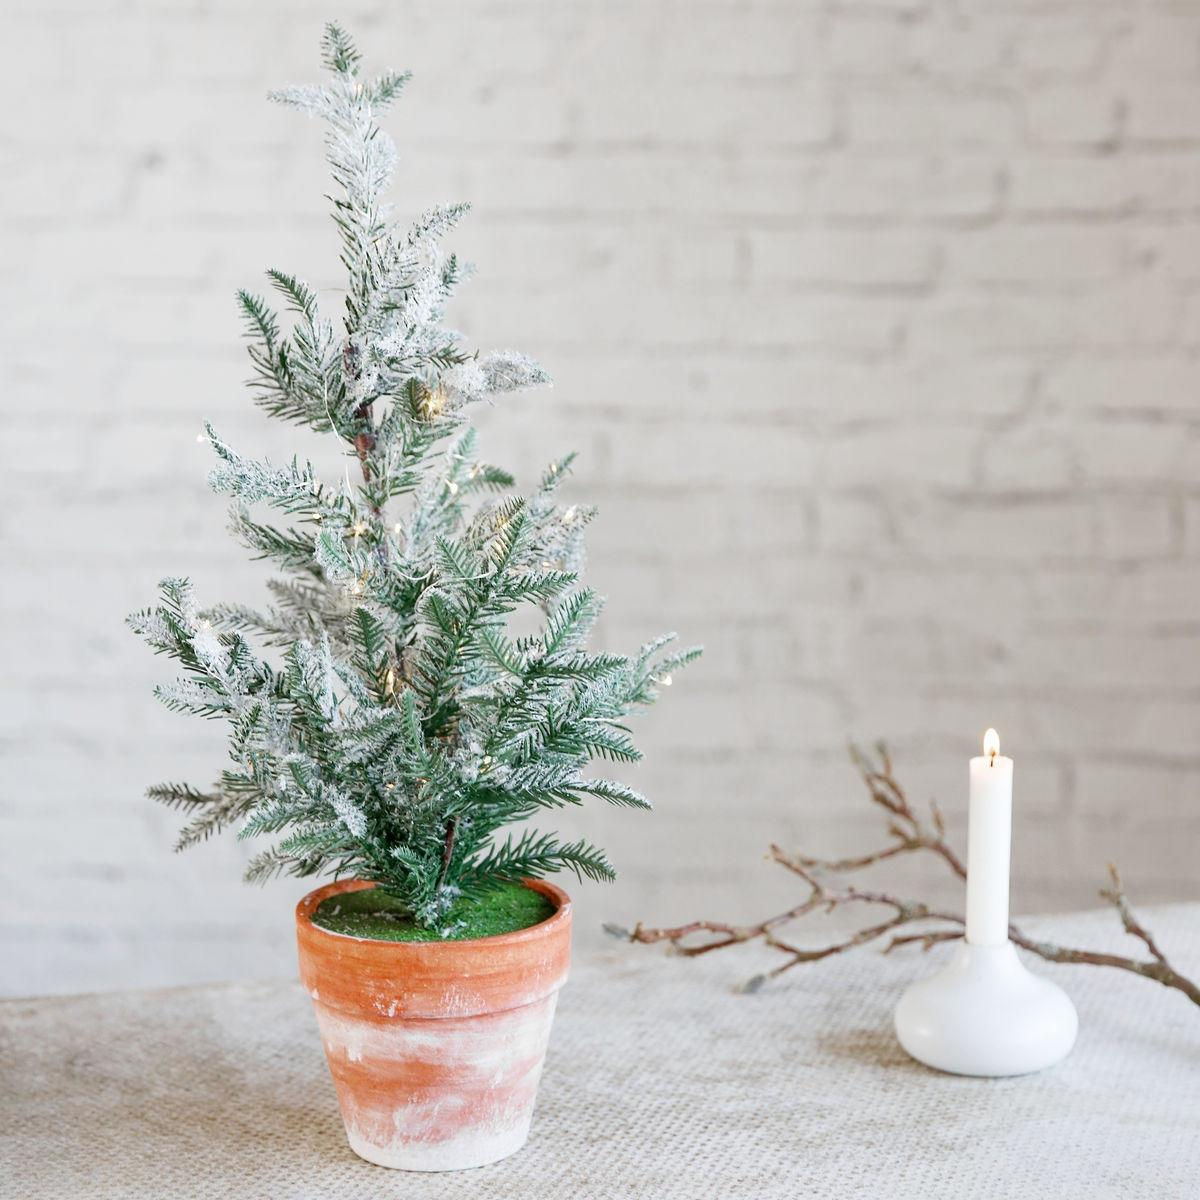 House Doctor Dekorativní stromeček se světýlky Ice, zelená barva, oranžová barva, bílá barva, plast